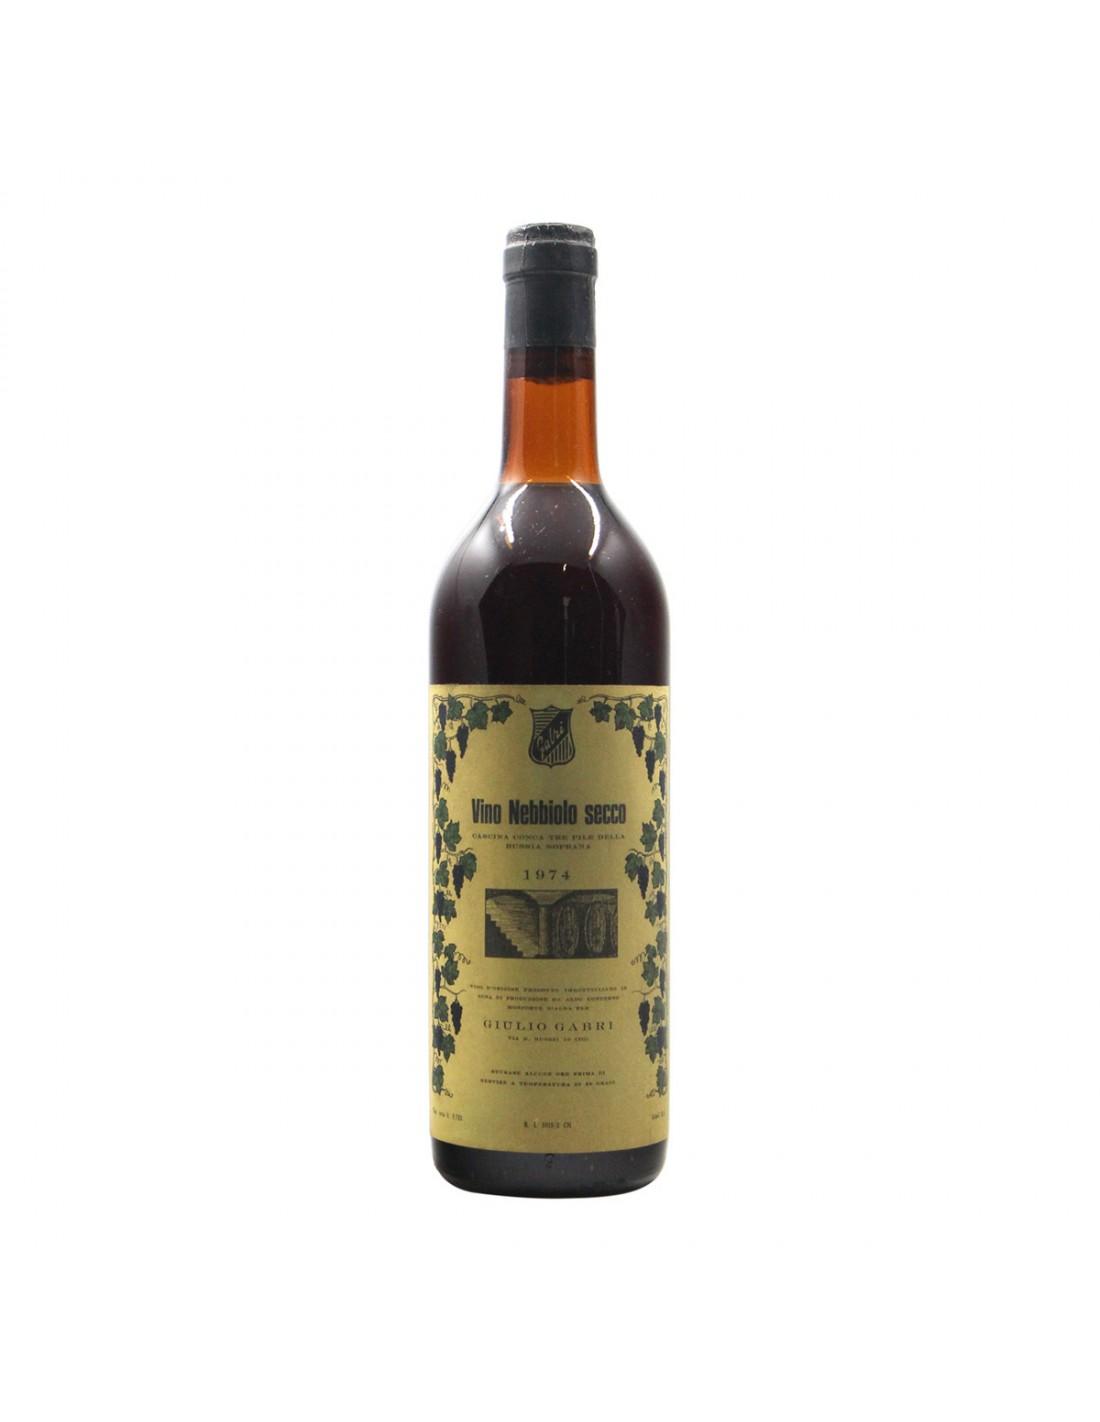 NEBBIOLO SECCO 1974 GABRI Grandi Bottiglie